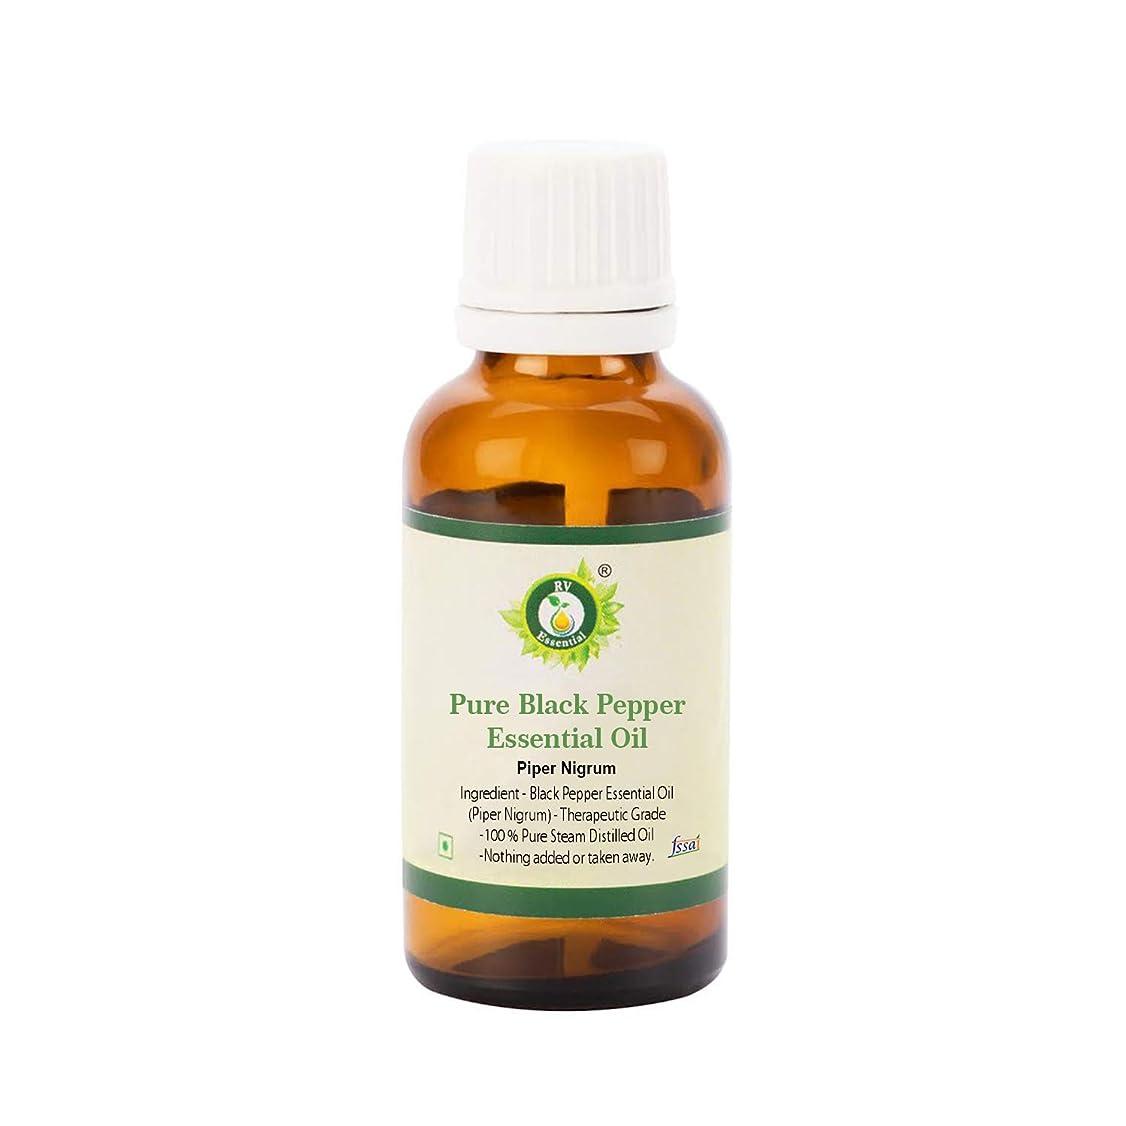 飲食店適切に手段R V Essential ピュアブラックペッパーエッセンシャルオイル630ml (21oz)- Piper Nigrum (100%純粋&天然スチームDistilled) Pure Black Pepper Essential Oil